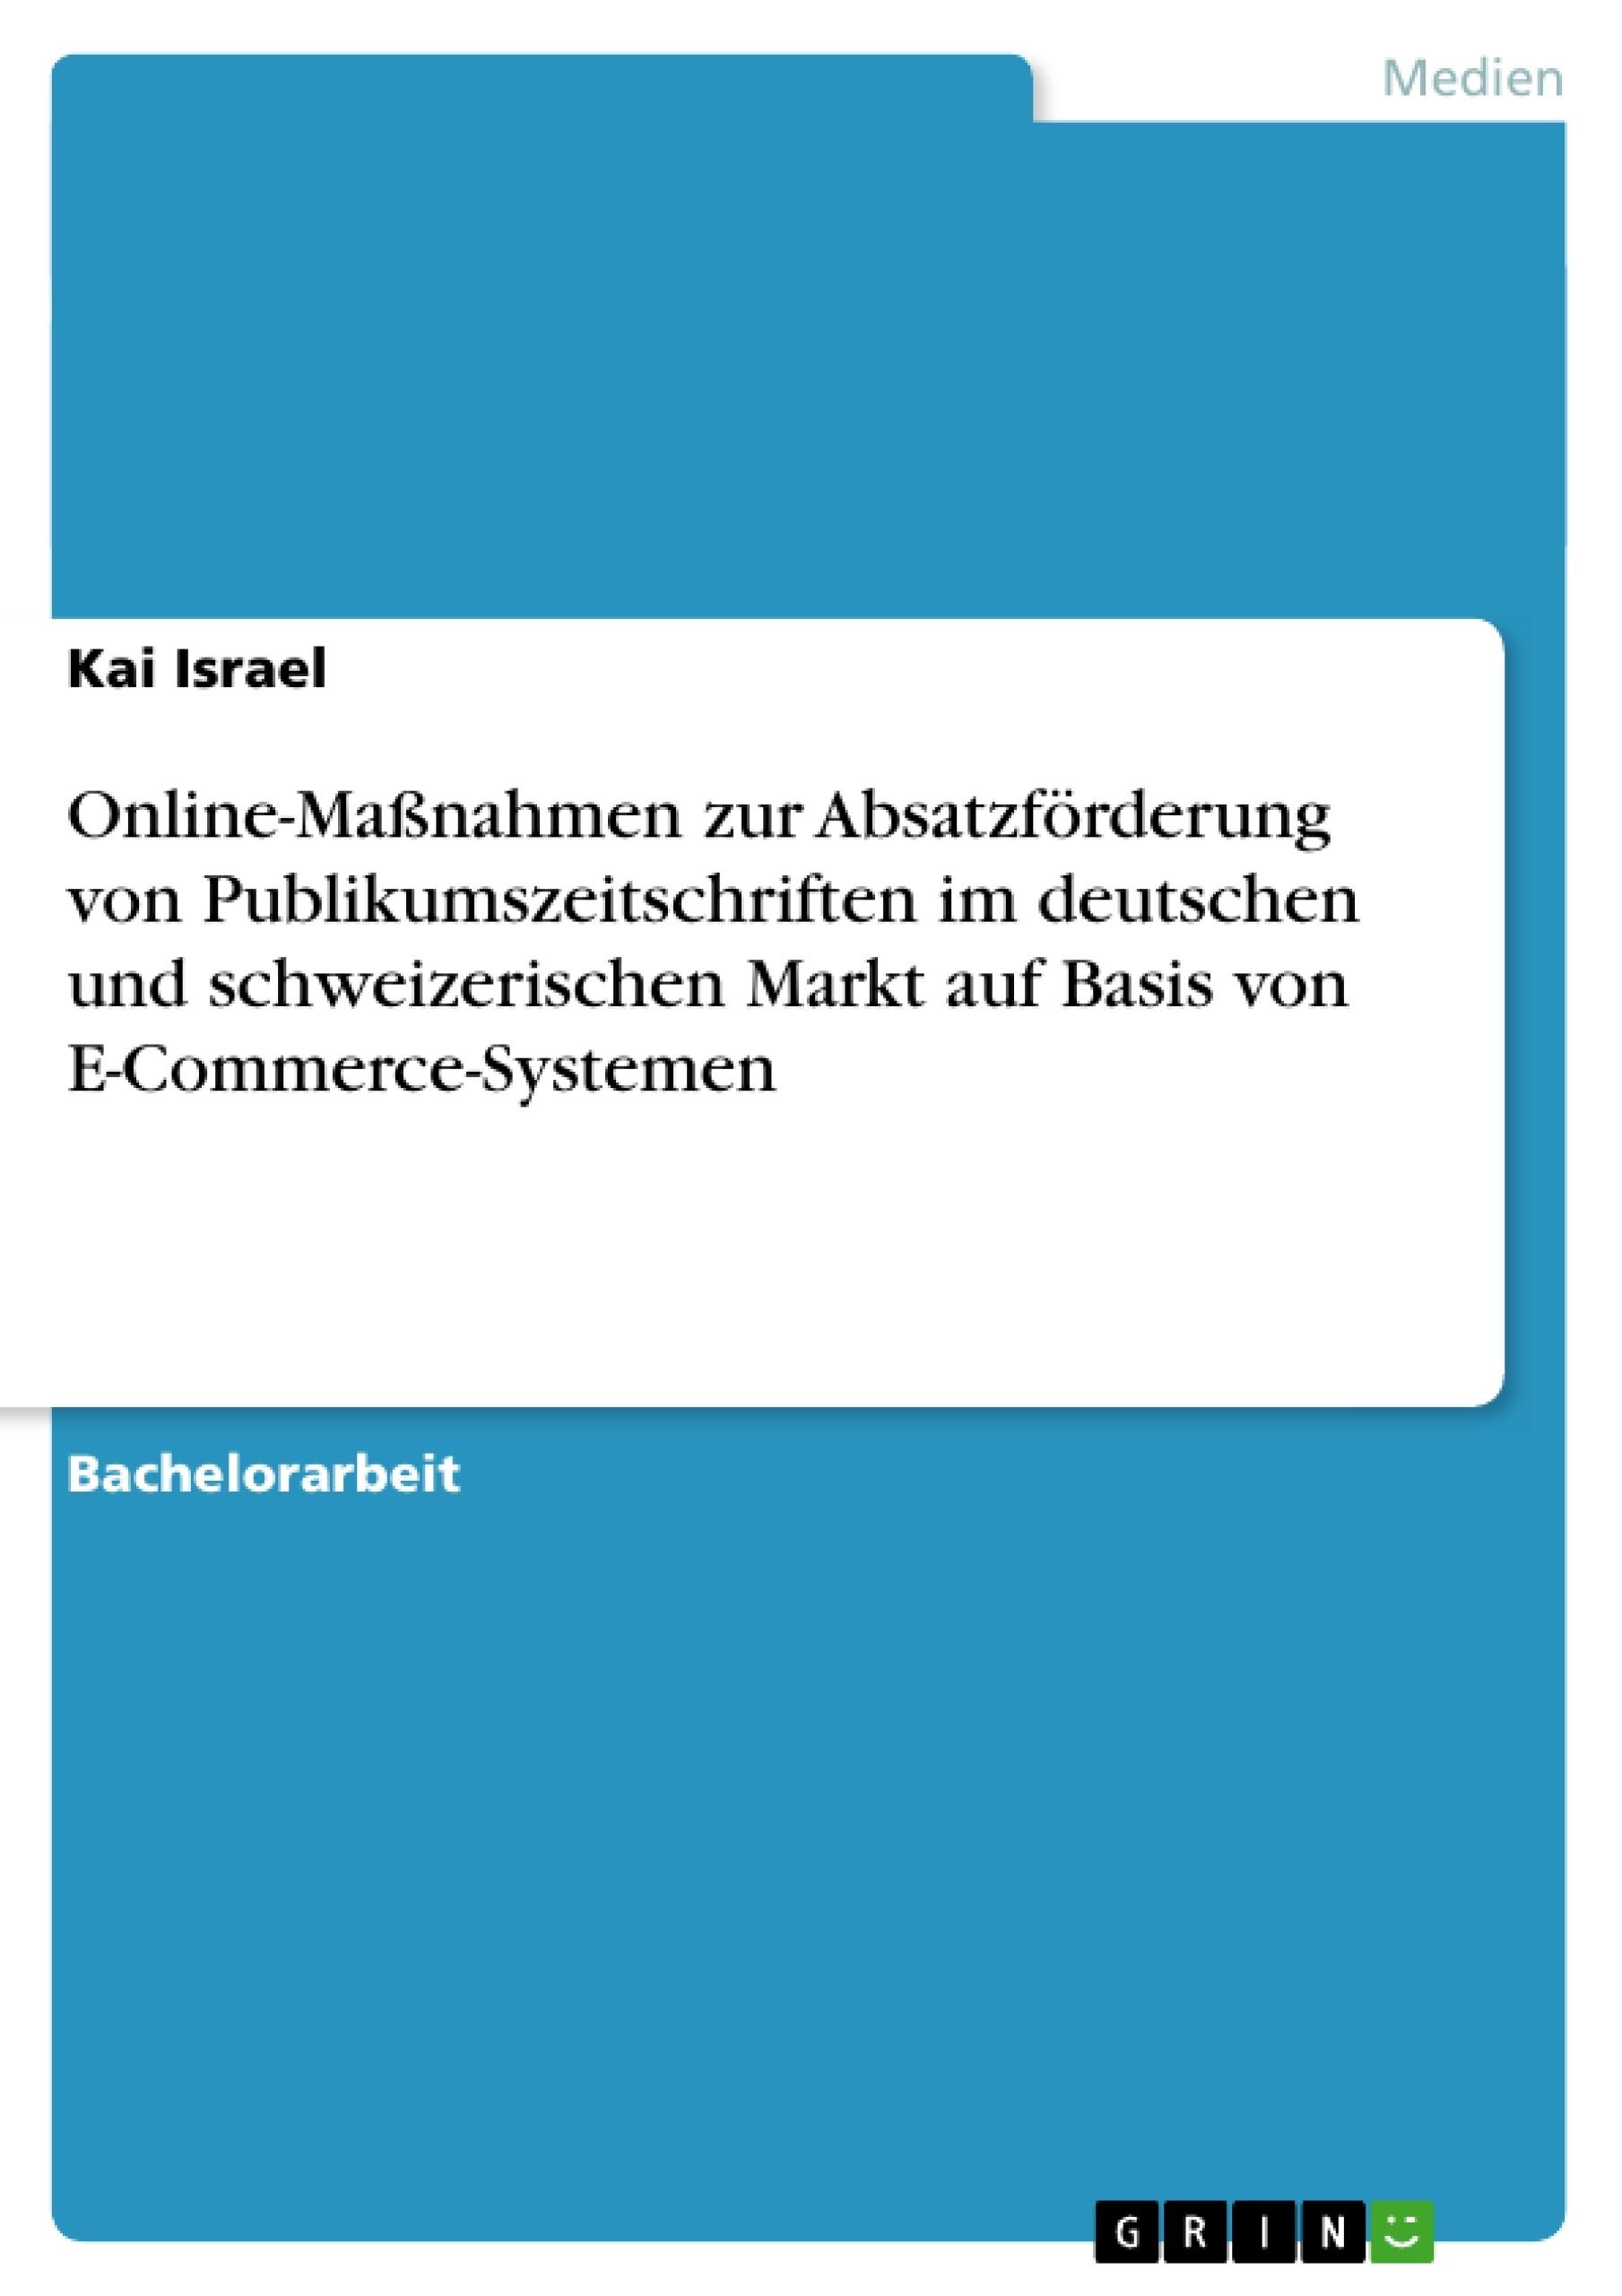 Titel: Online-Maßnahmen zur Absatzförderung von Publikumszeitschriften im deutschen und schweizerischen Markt auf Basis von E-Commerce-Systemen